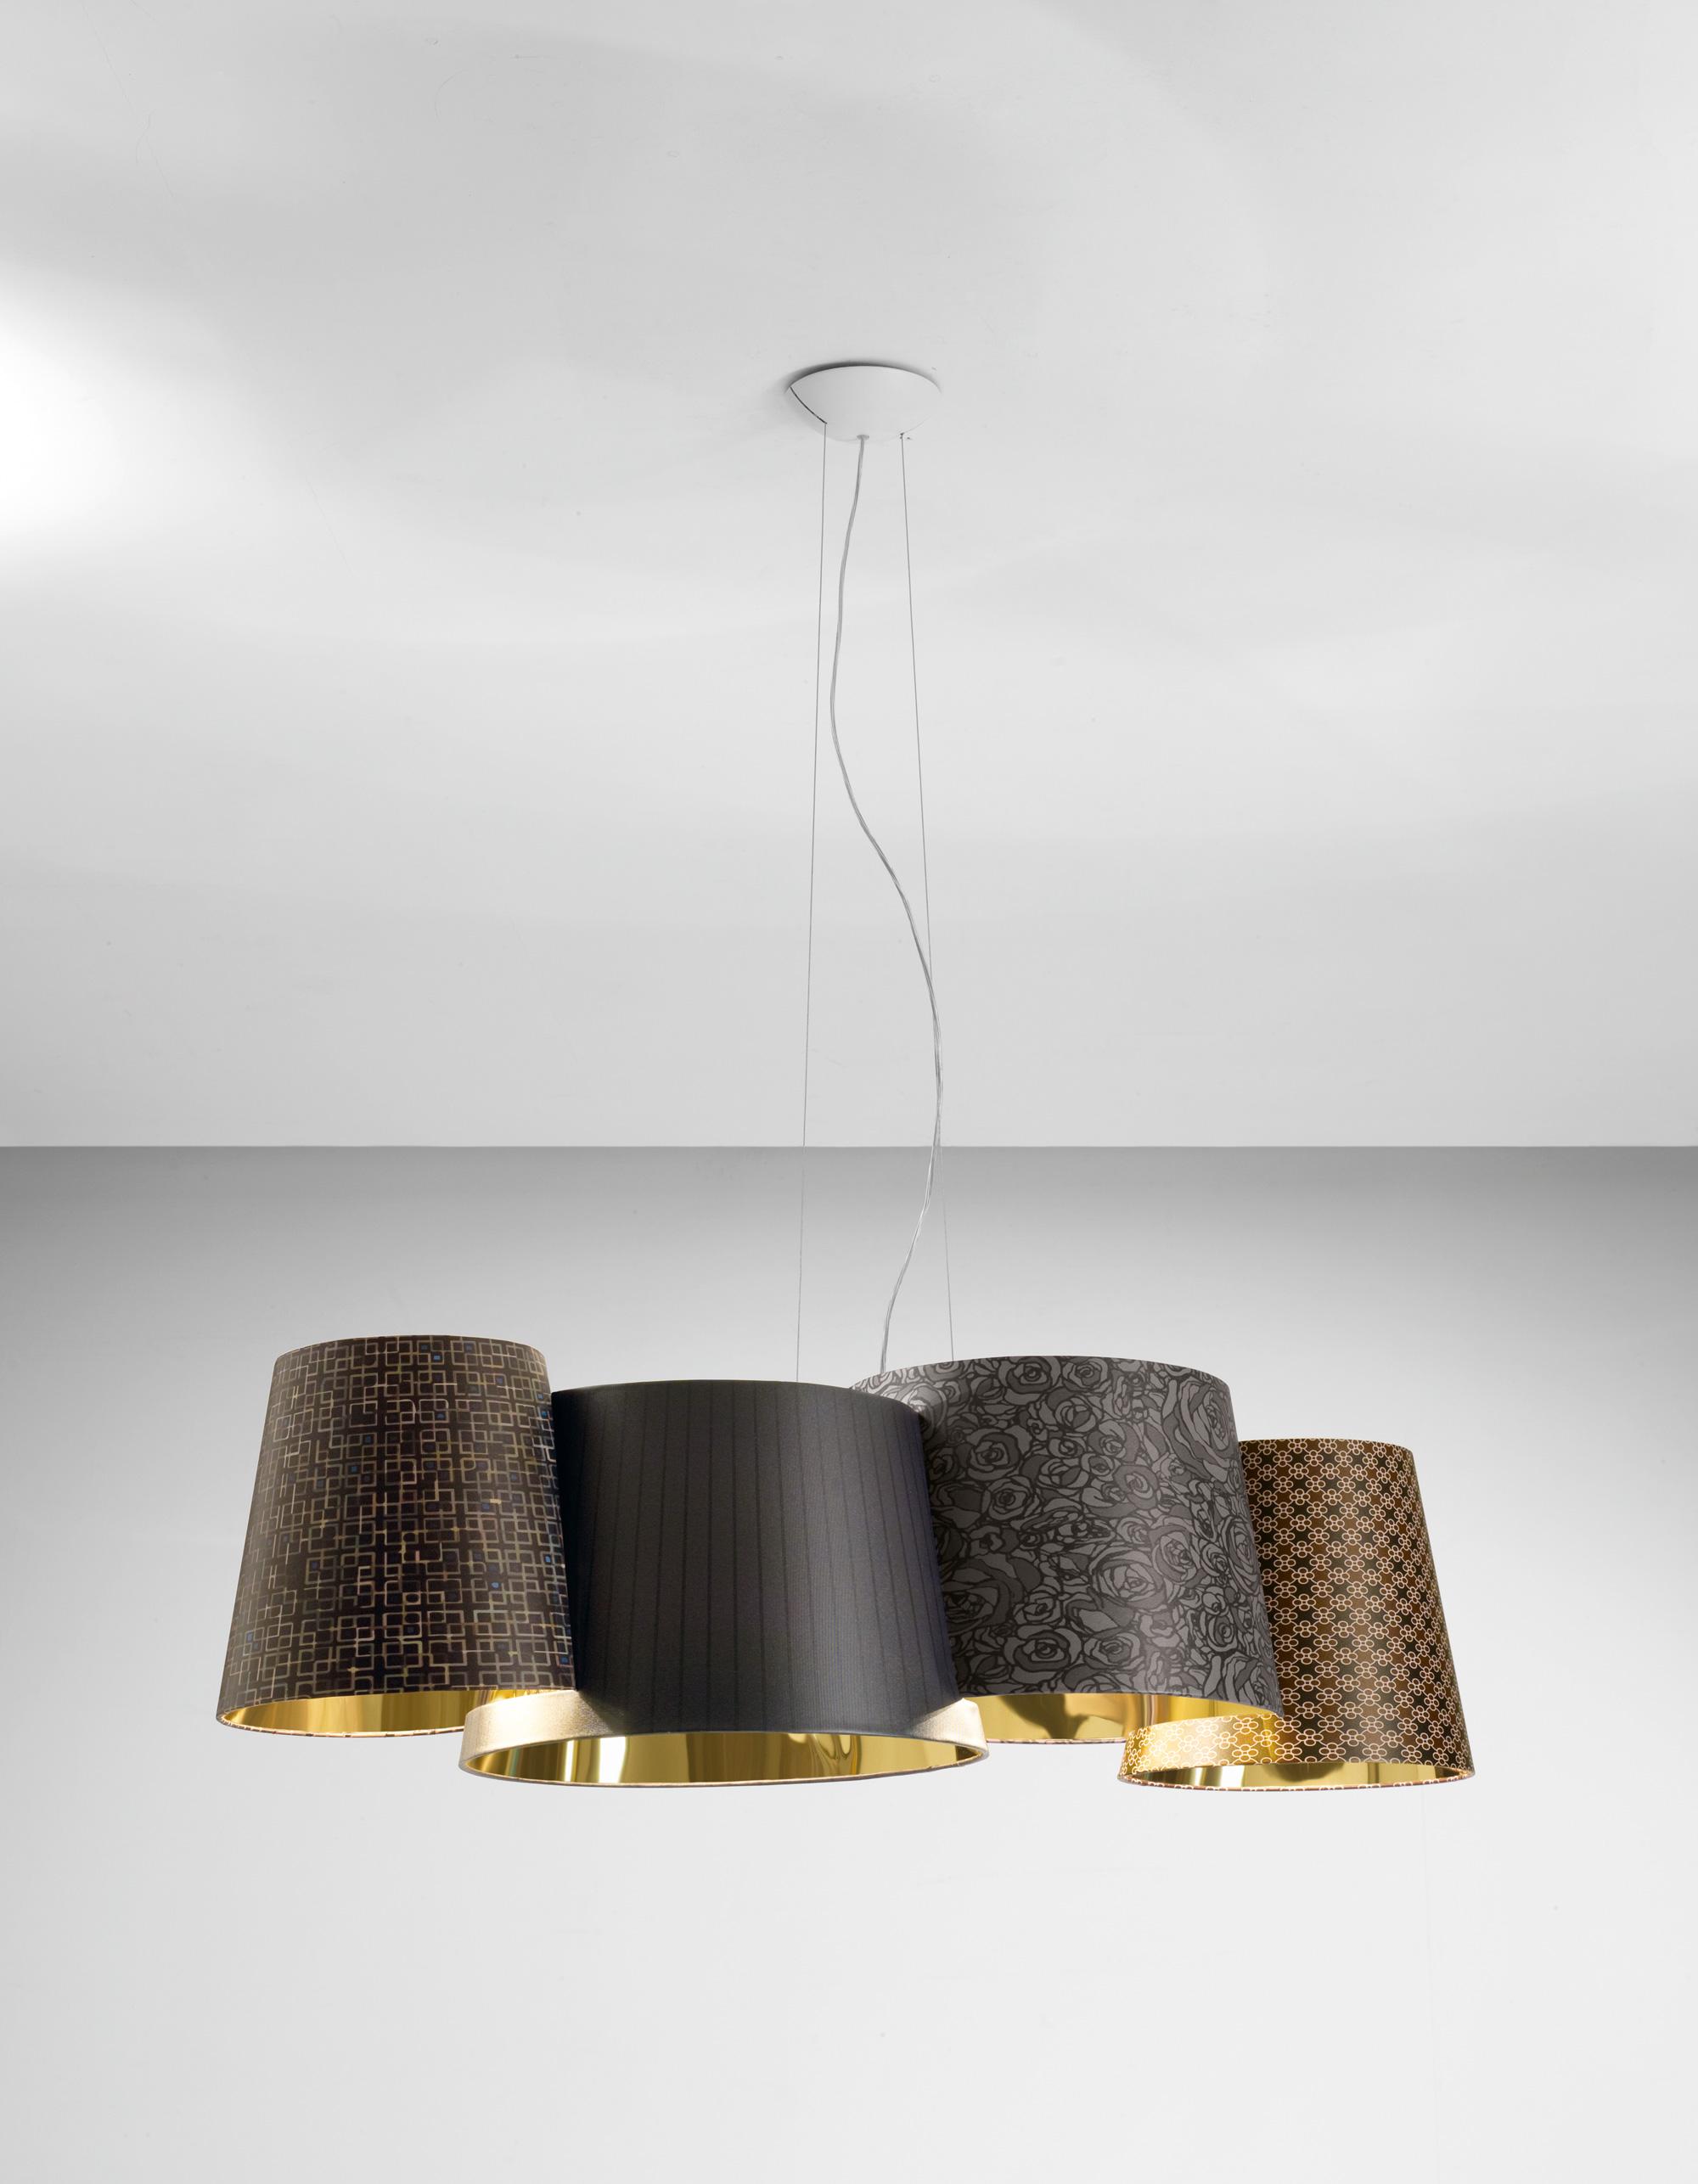 Melting Pot Pendant Lamp 115 E27 4x70W Halo Outdoor fantasías oscuras/indoor Gold